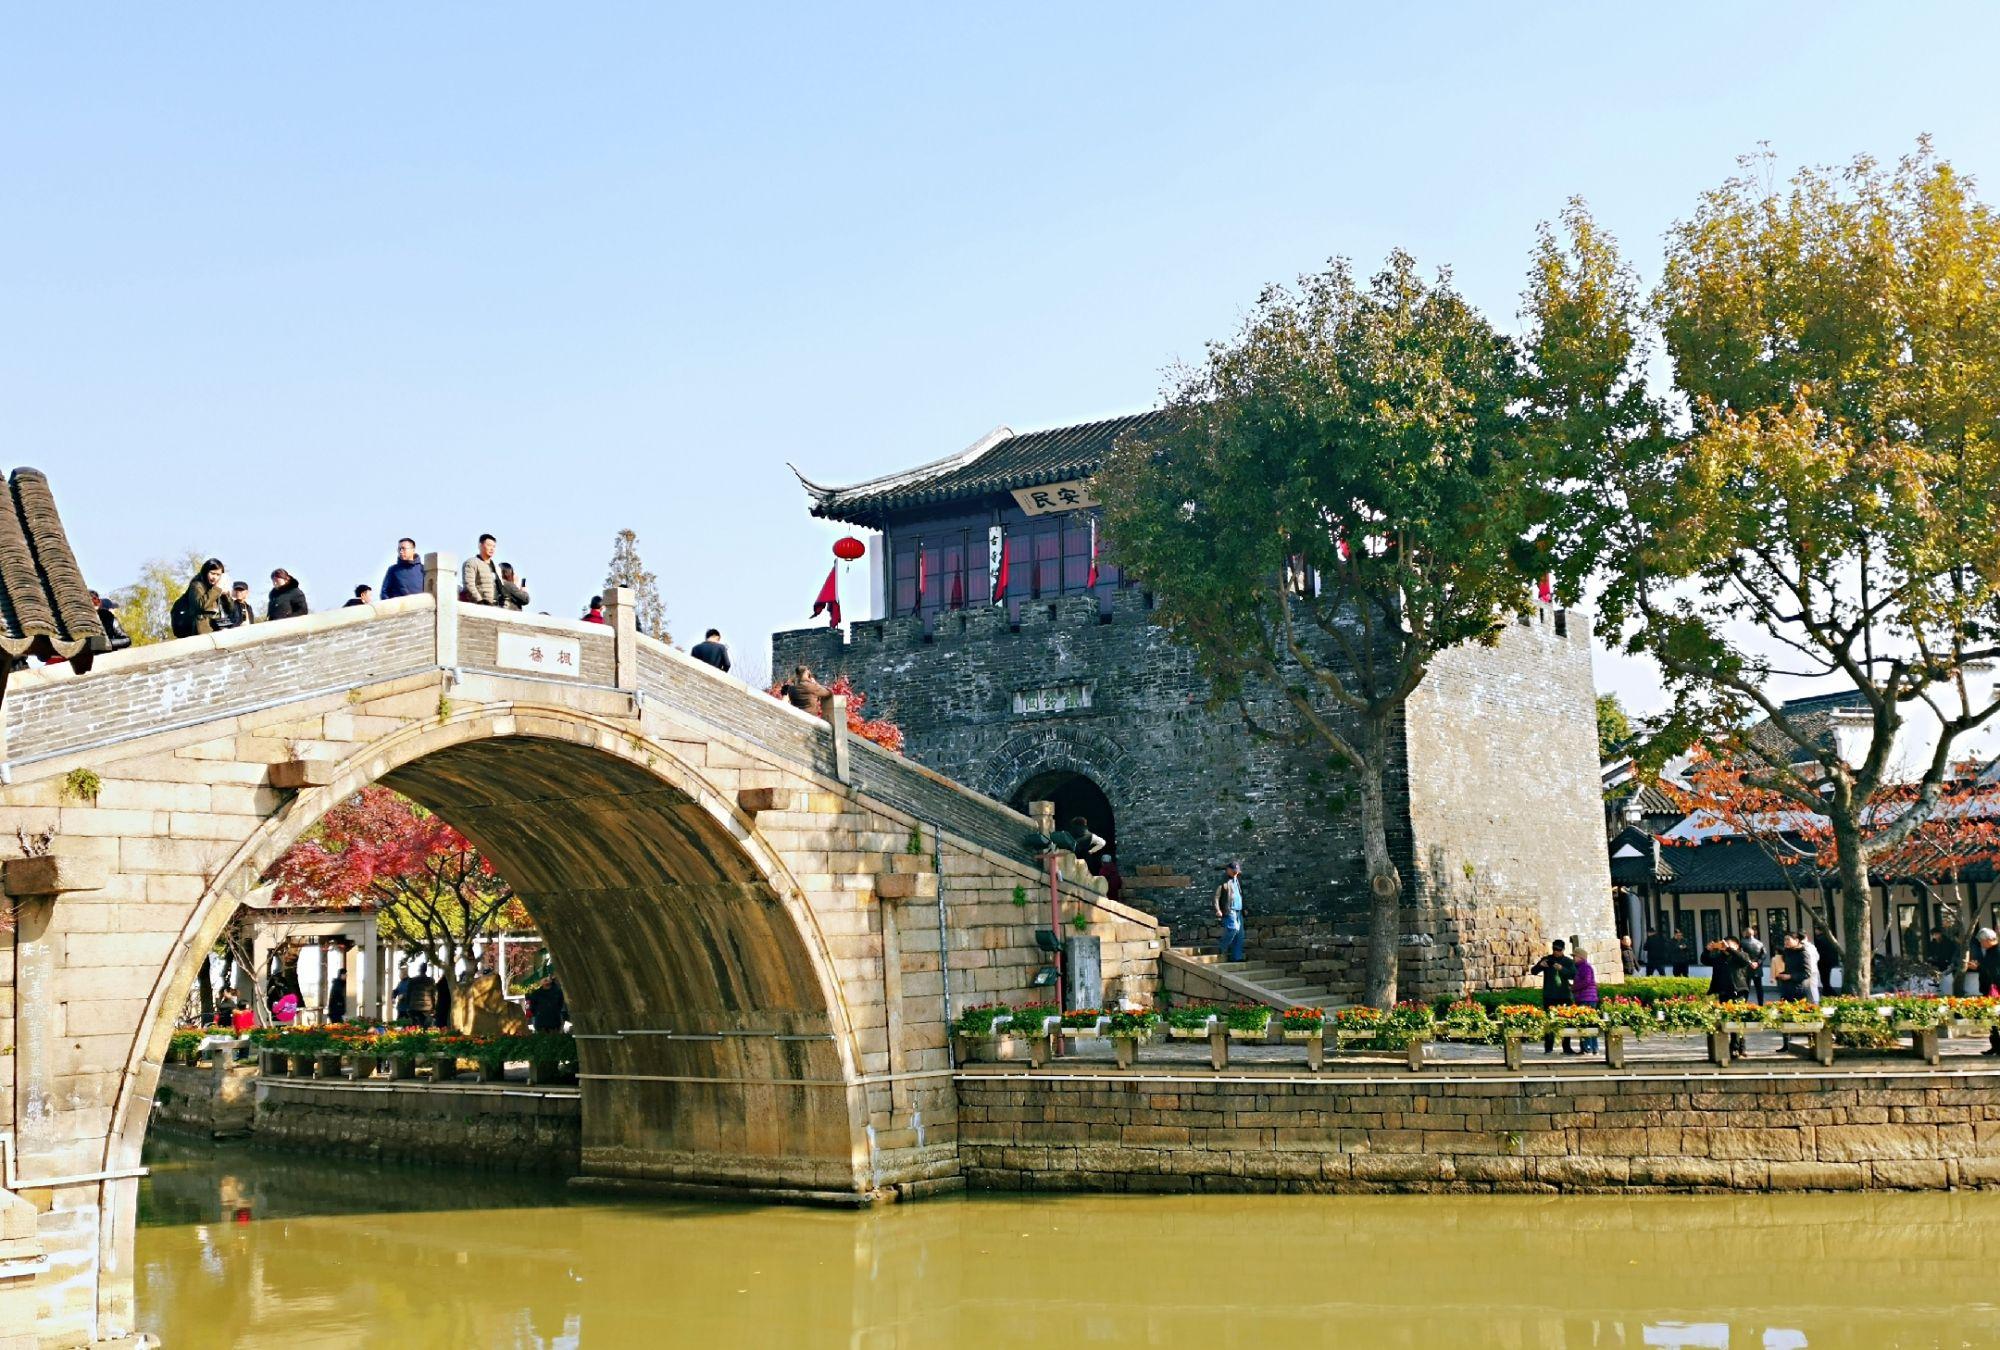 唐诗张继《枫桥夜泊》的创作地:苏州枫桥及寒山寺